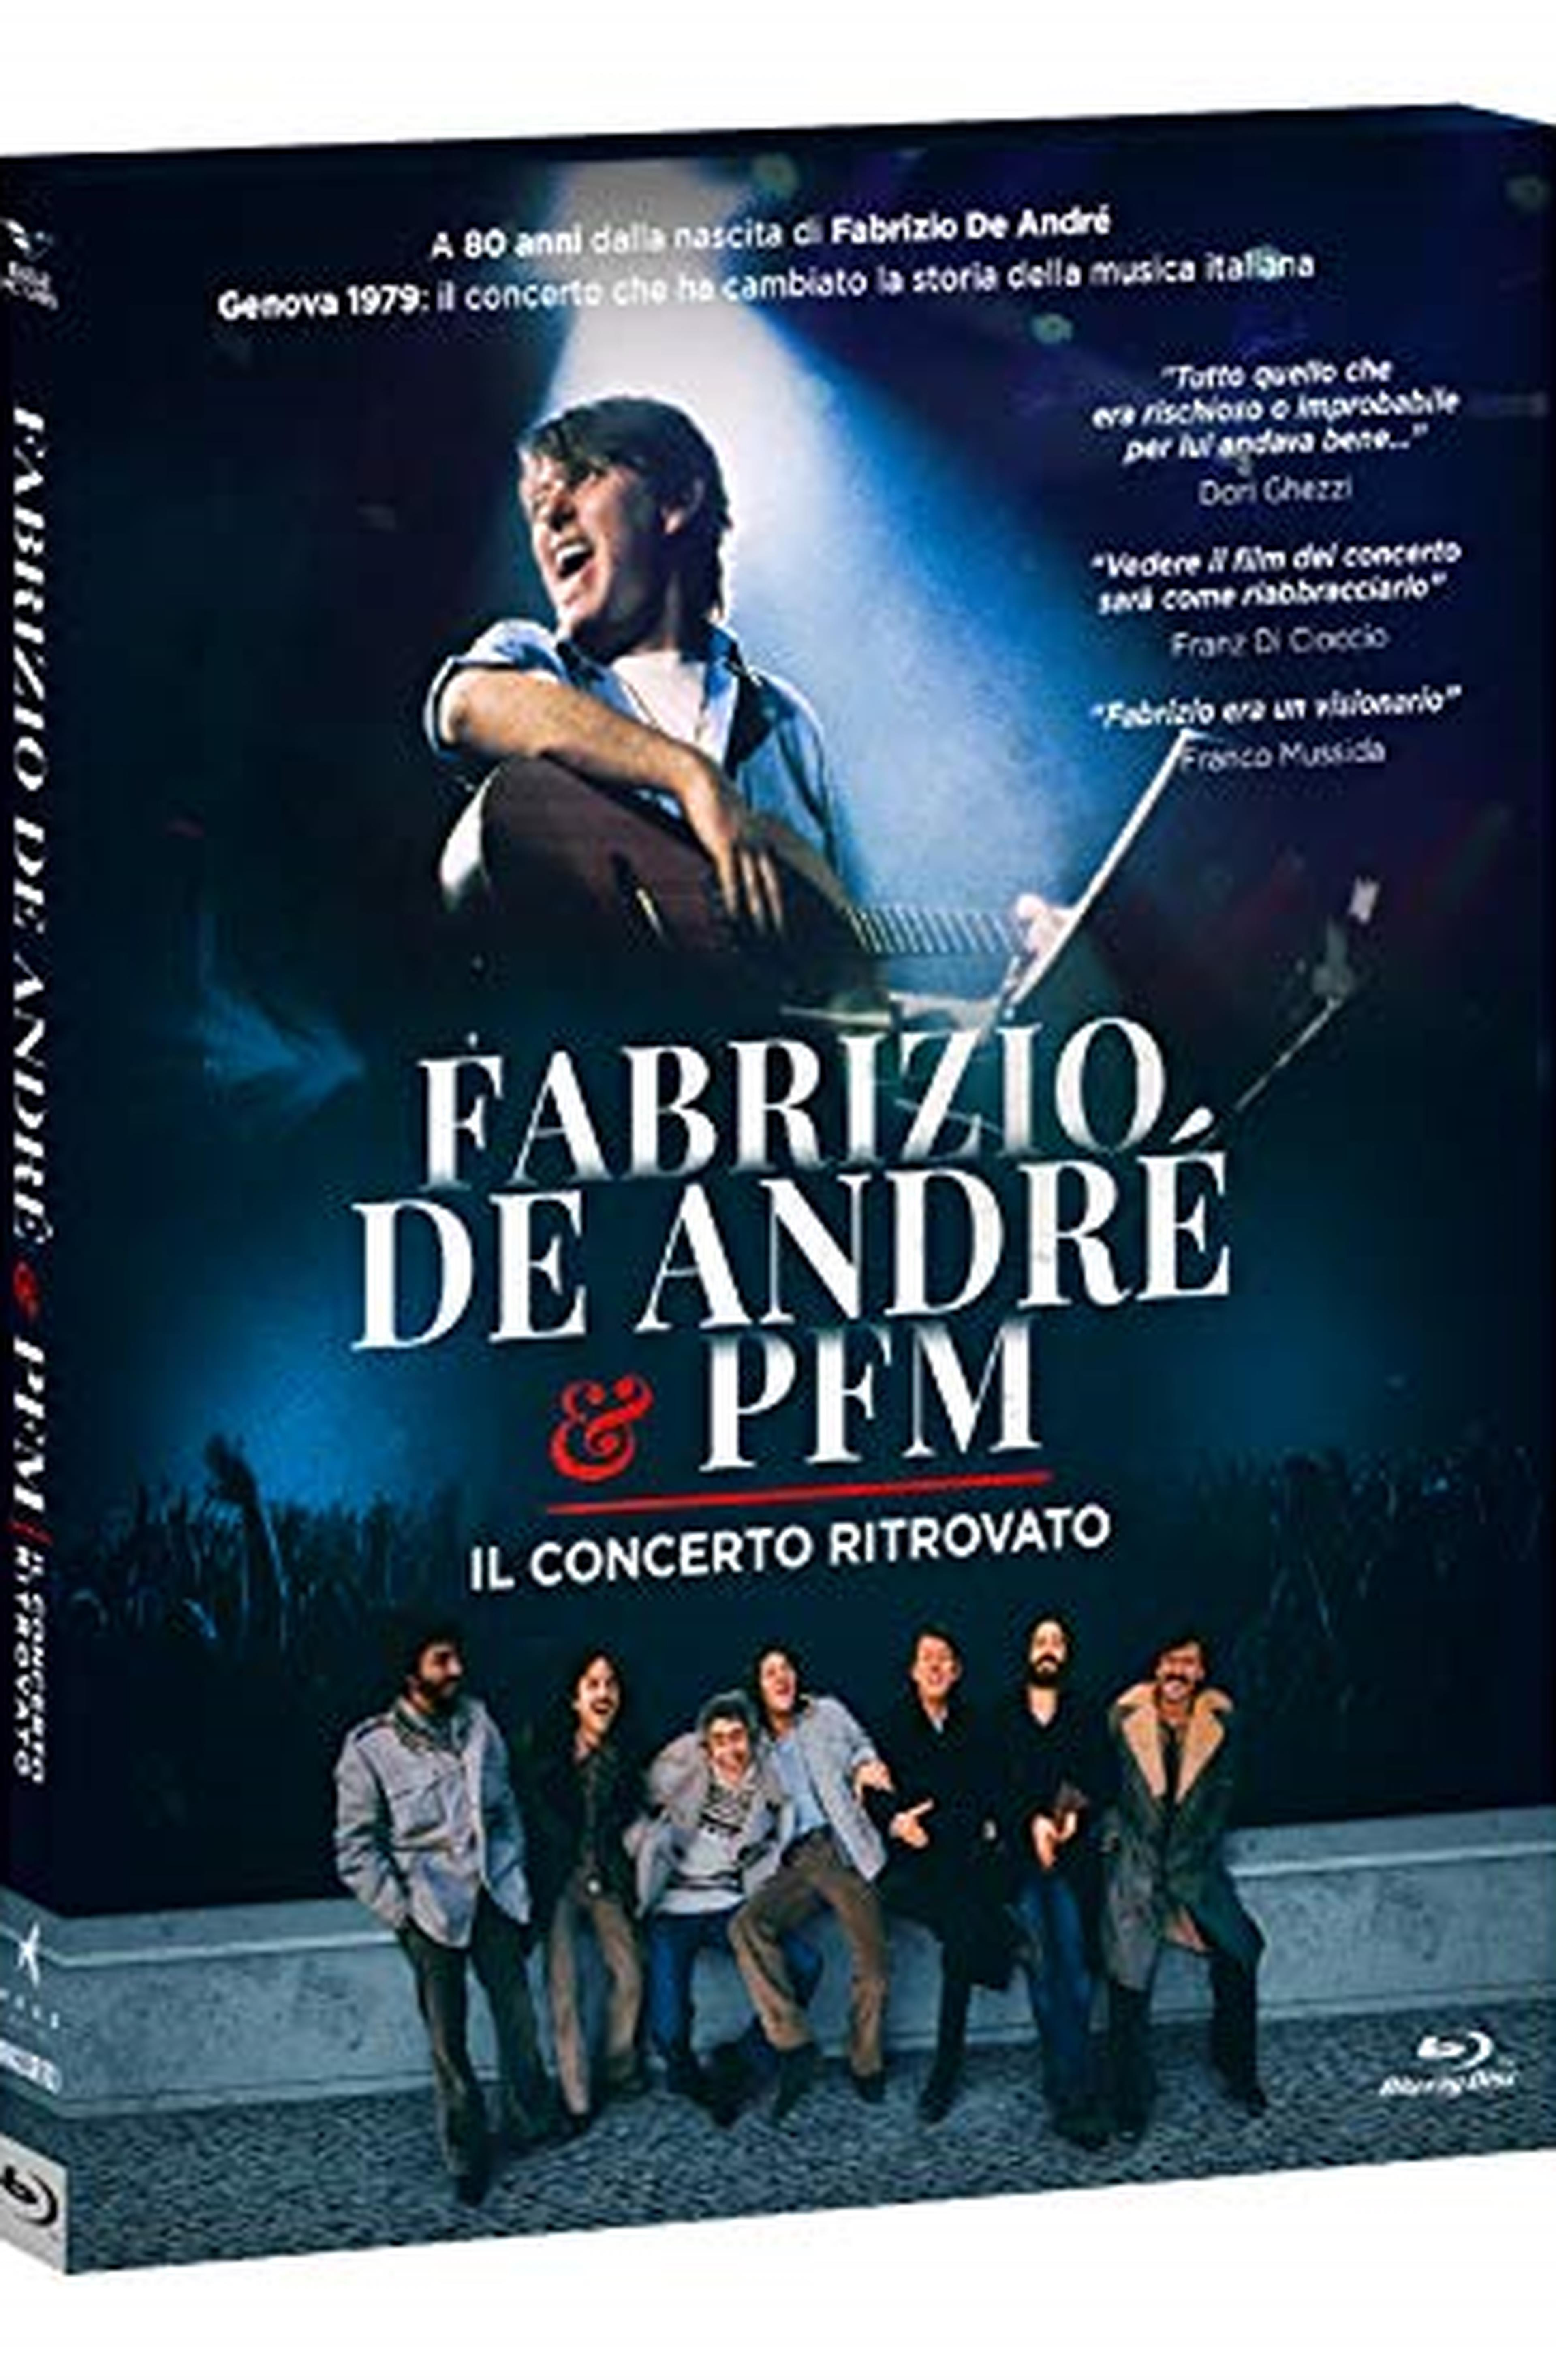 Fabrizio De André & Pfm - Il Concerto Ritrovato ( Blu Ray)